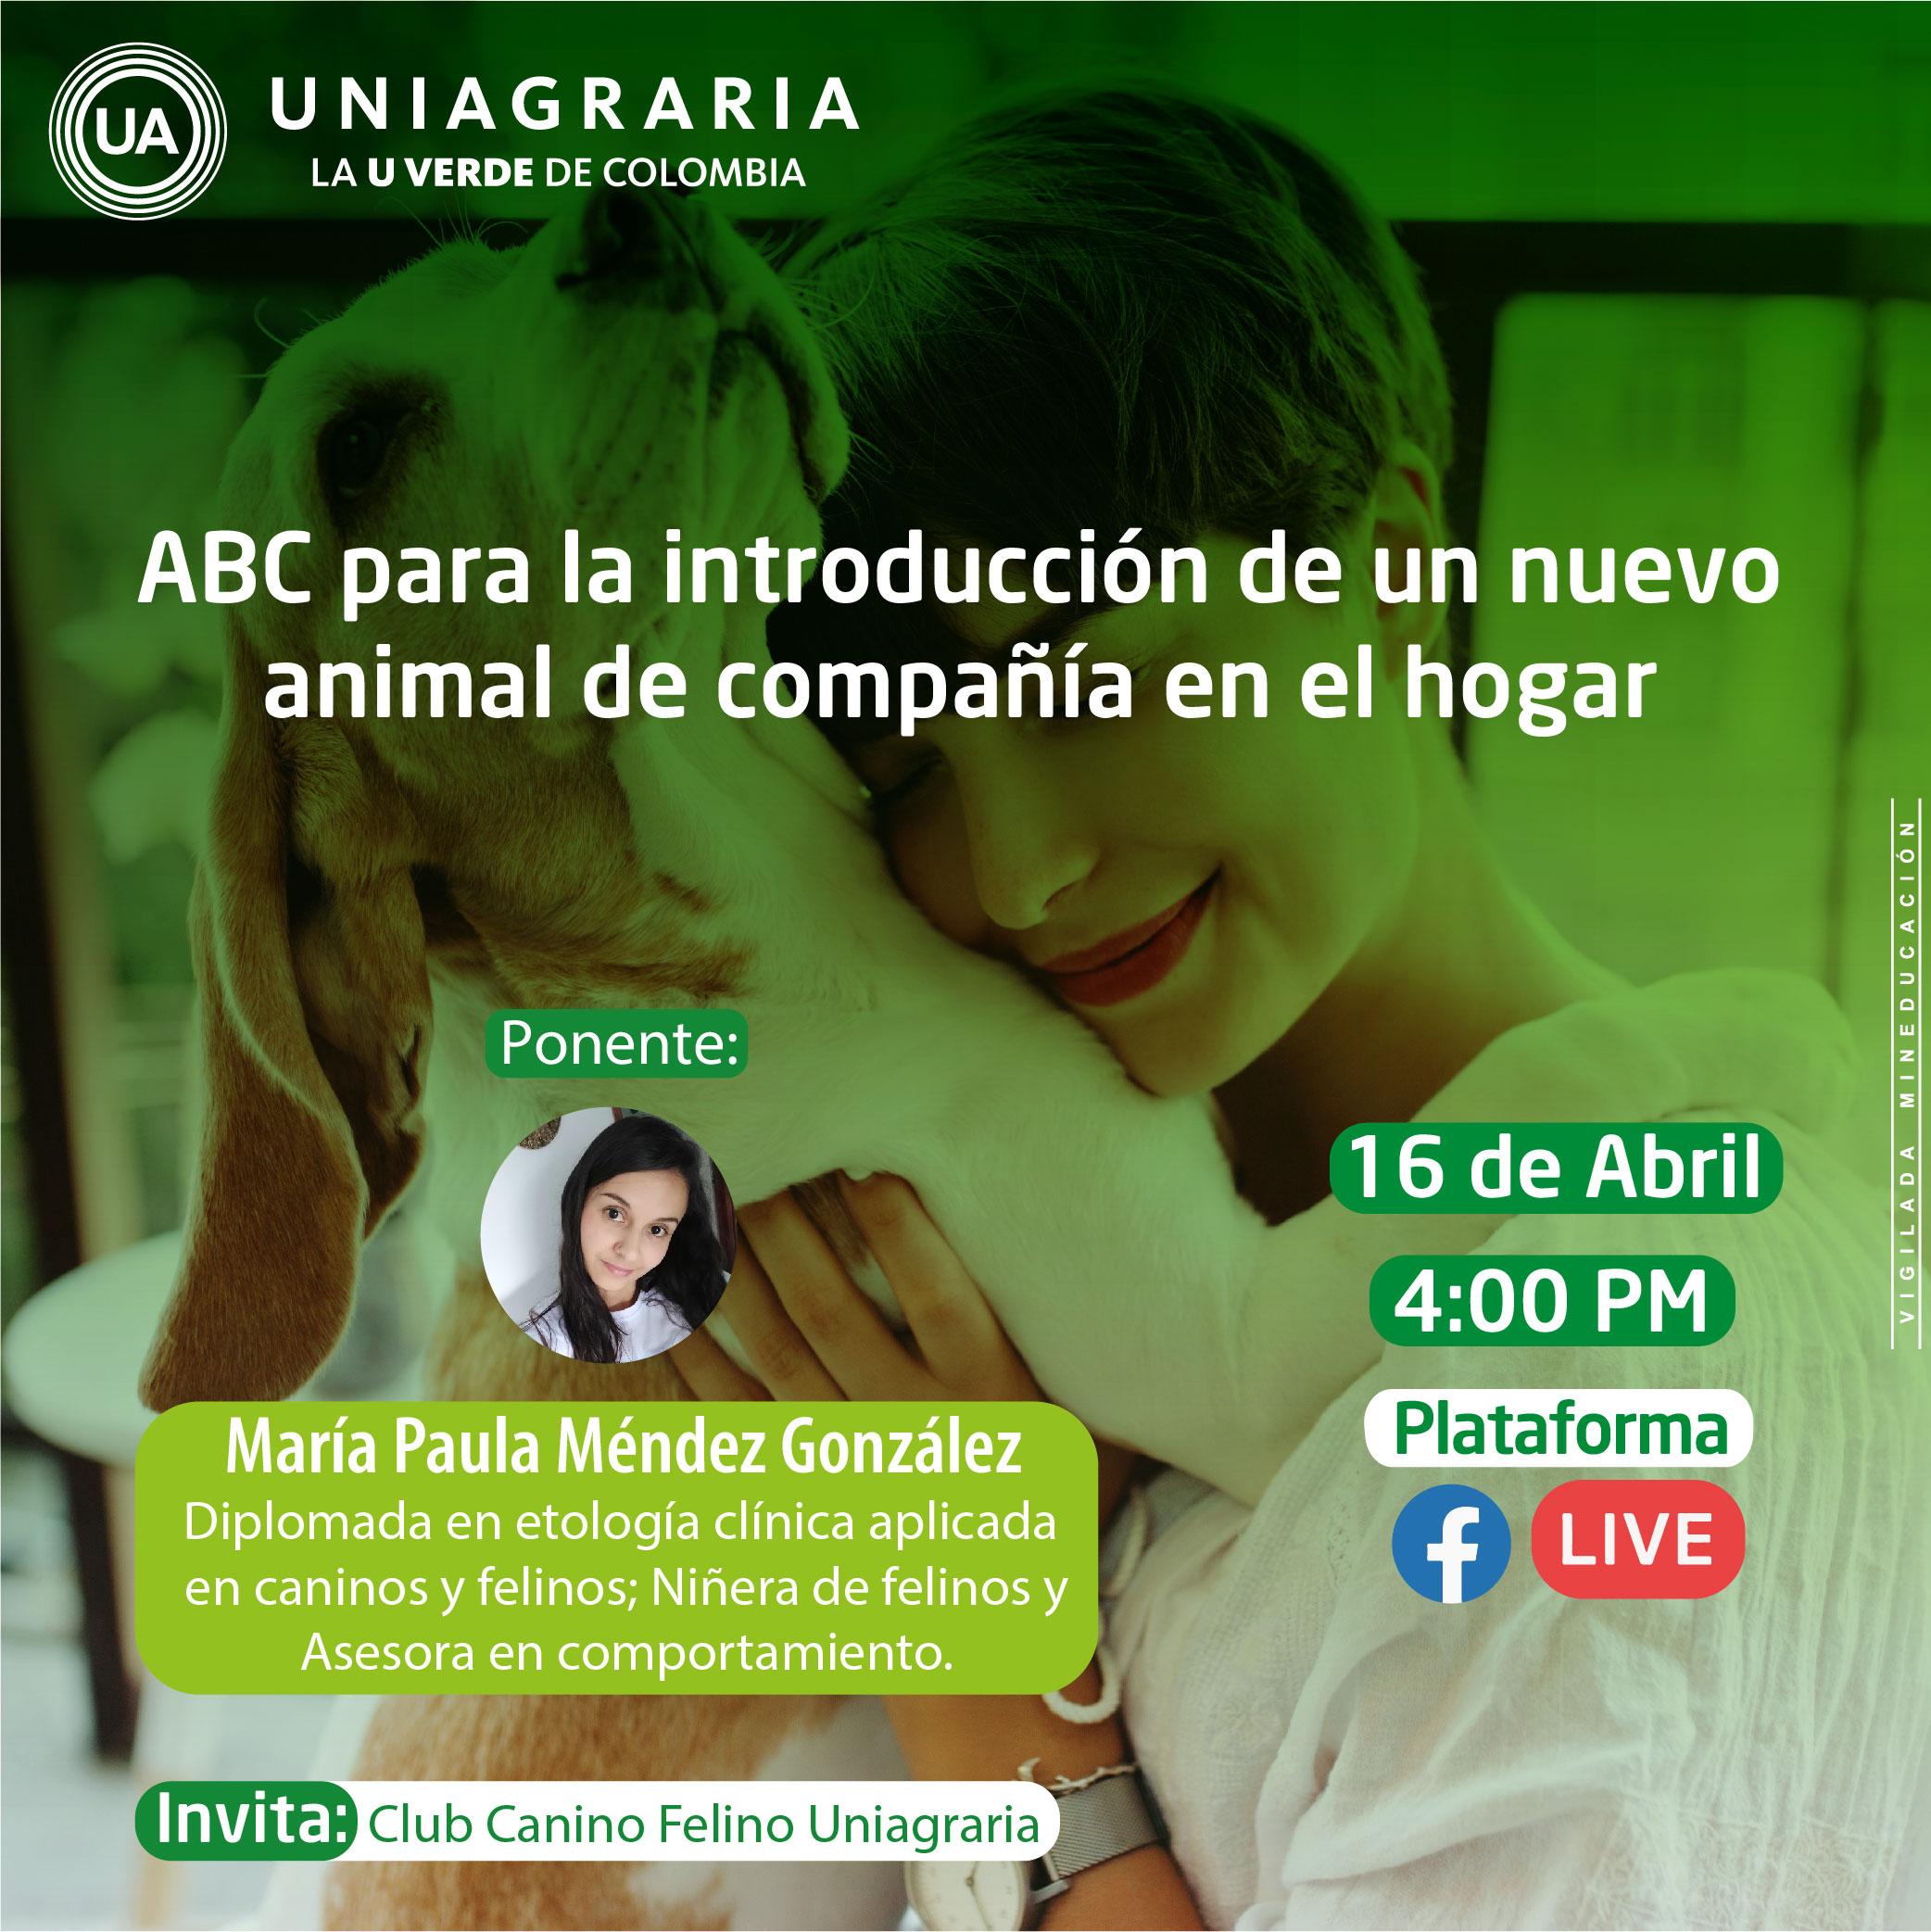 ABC para la introducción de un nuevo animal de compañía en el hogar